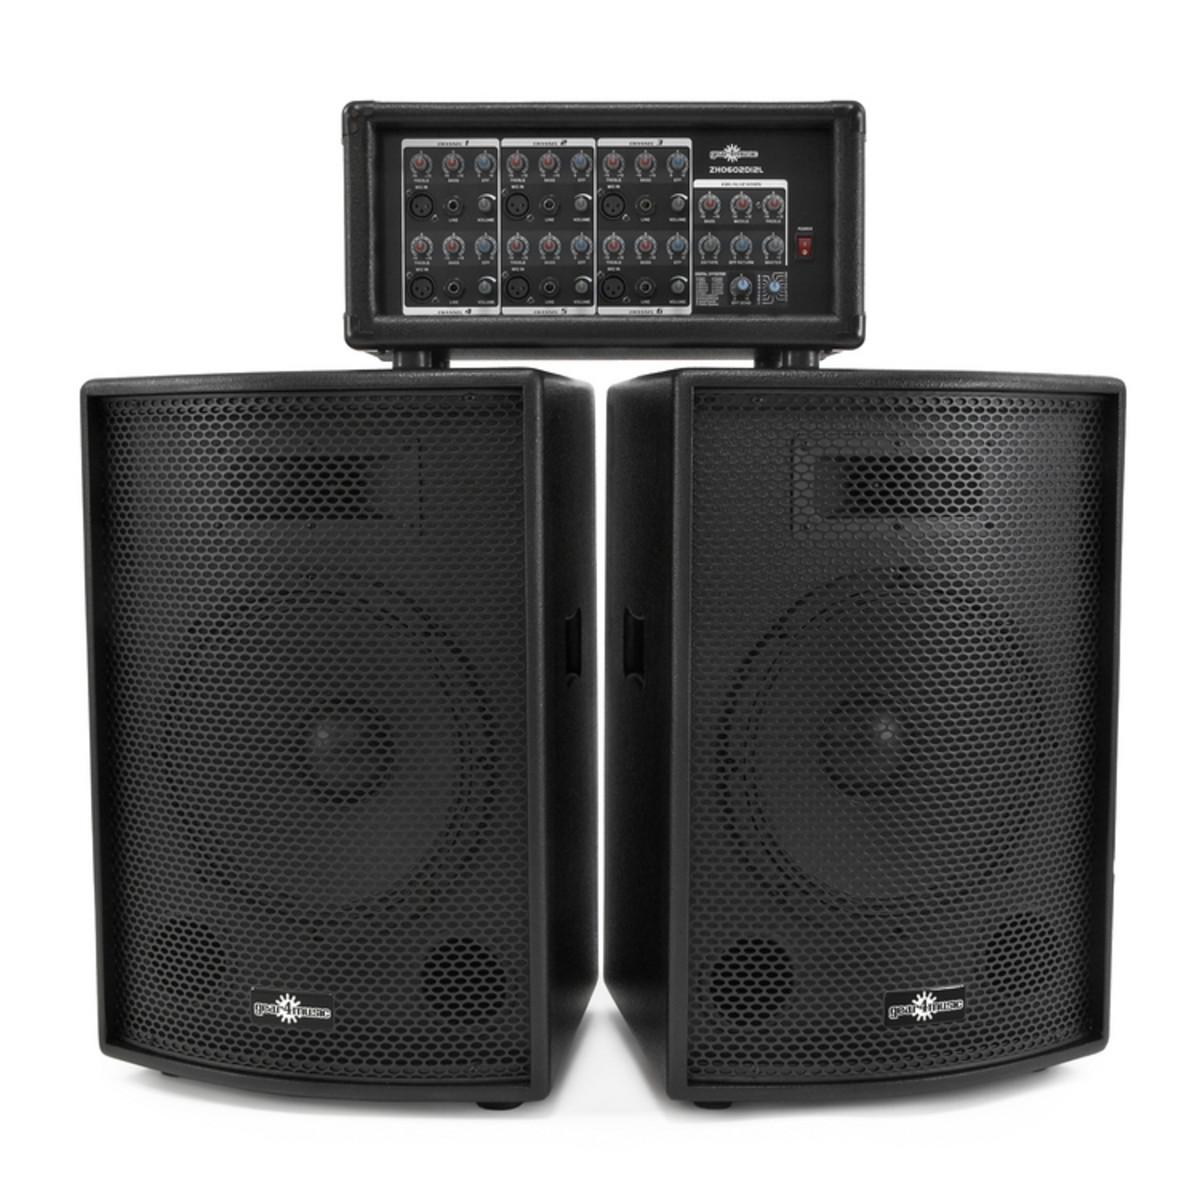 syst me de sonorisation 400w avec table de mixage dsp haut parleurs comme neufs. Black Bedroom Furniture Sets. Home Design Ideas